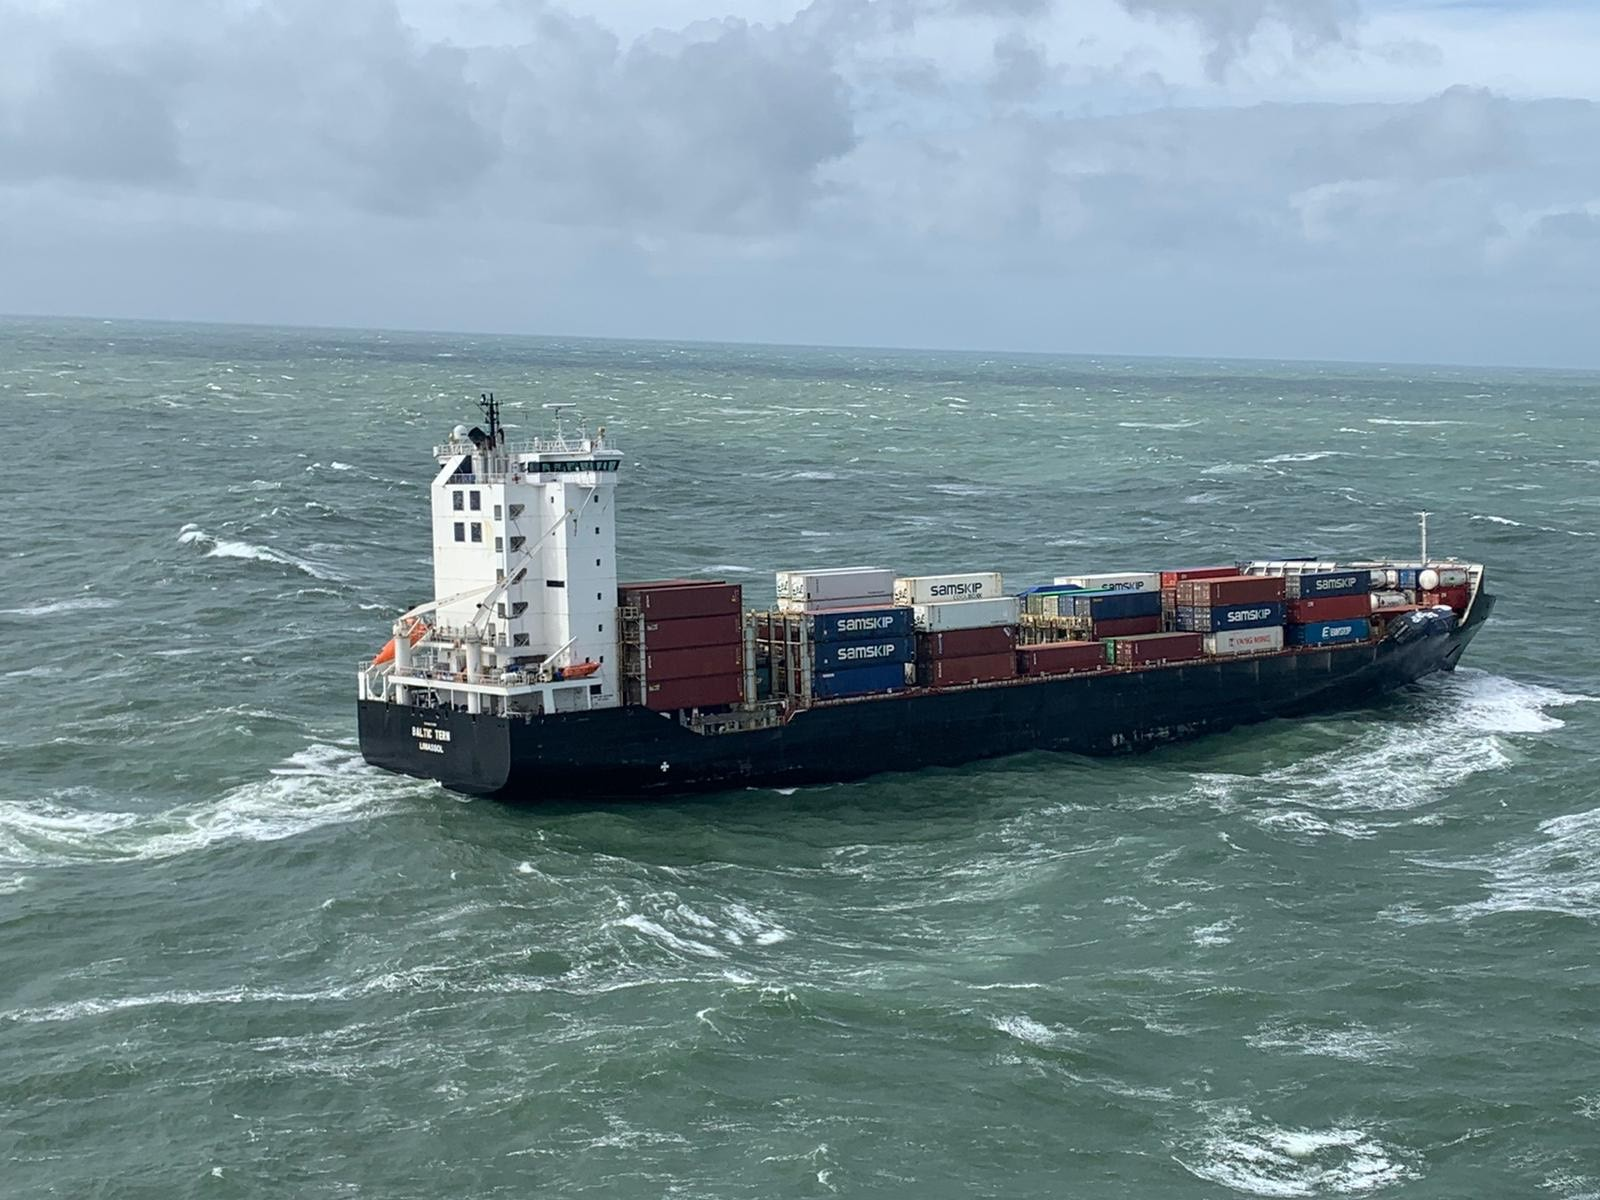 De verloren containers van de Baltic Tern zorgde voor kamervragen (Foto Kustwacht)